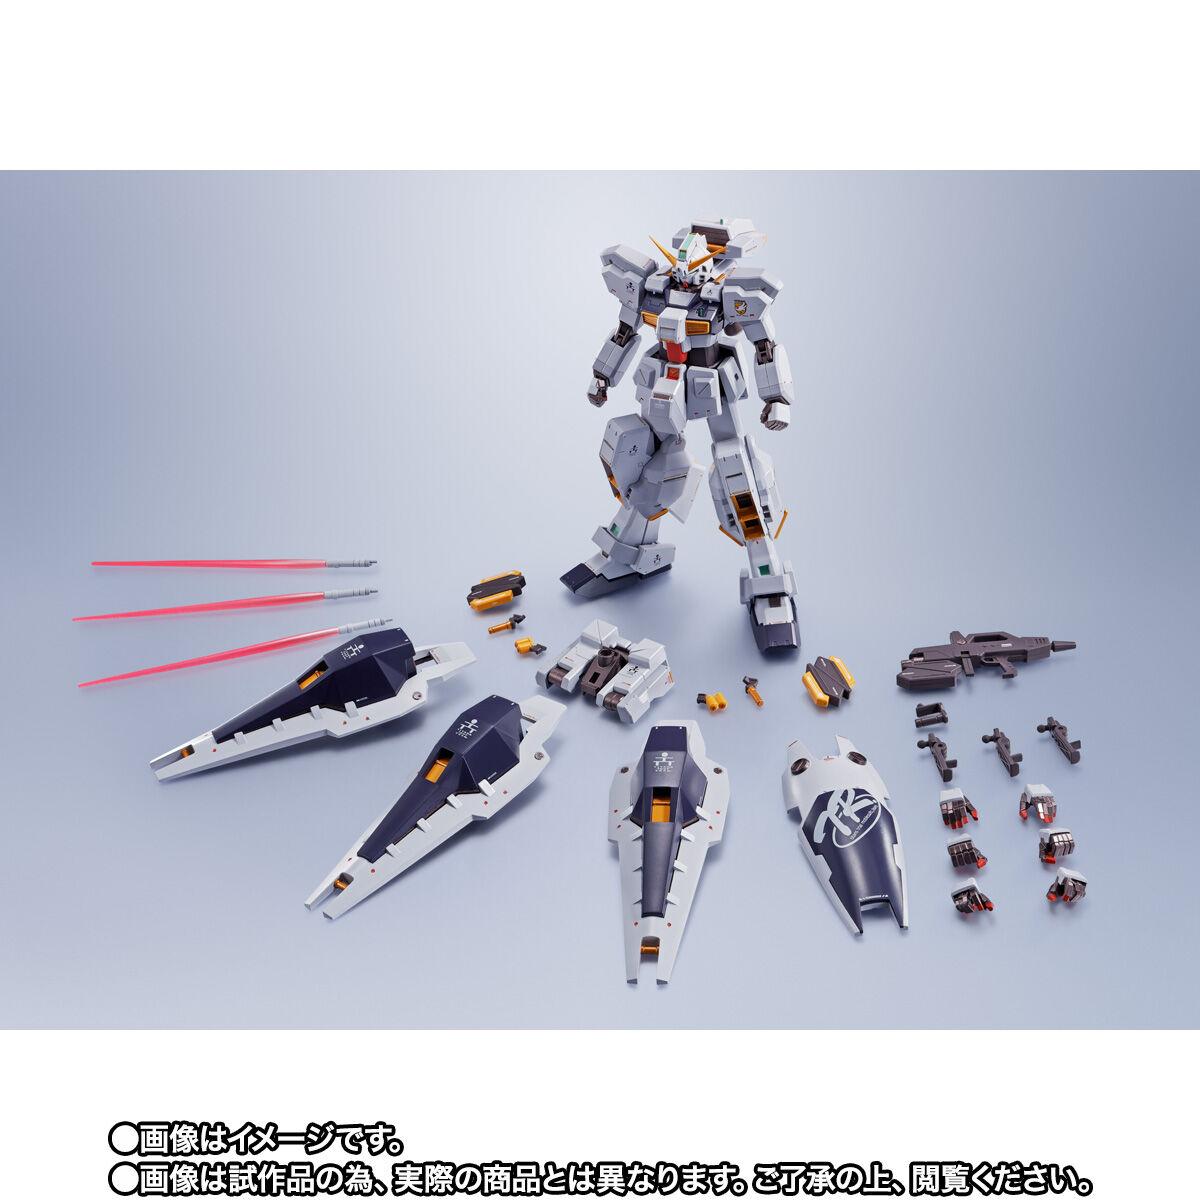 【限定販売】METAL ROBOT魂〈SIDE MS〉『ガンダムTR-1[ヘイズル改]&オプションパーツセット』ADVANCE OF Ζ ティターンズの旗のもとに 可動フィギュア-010